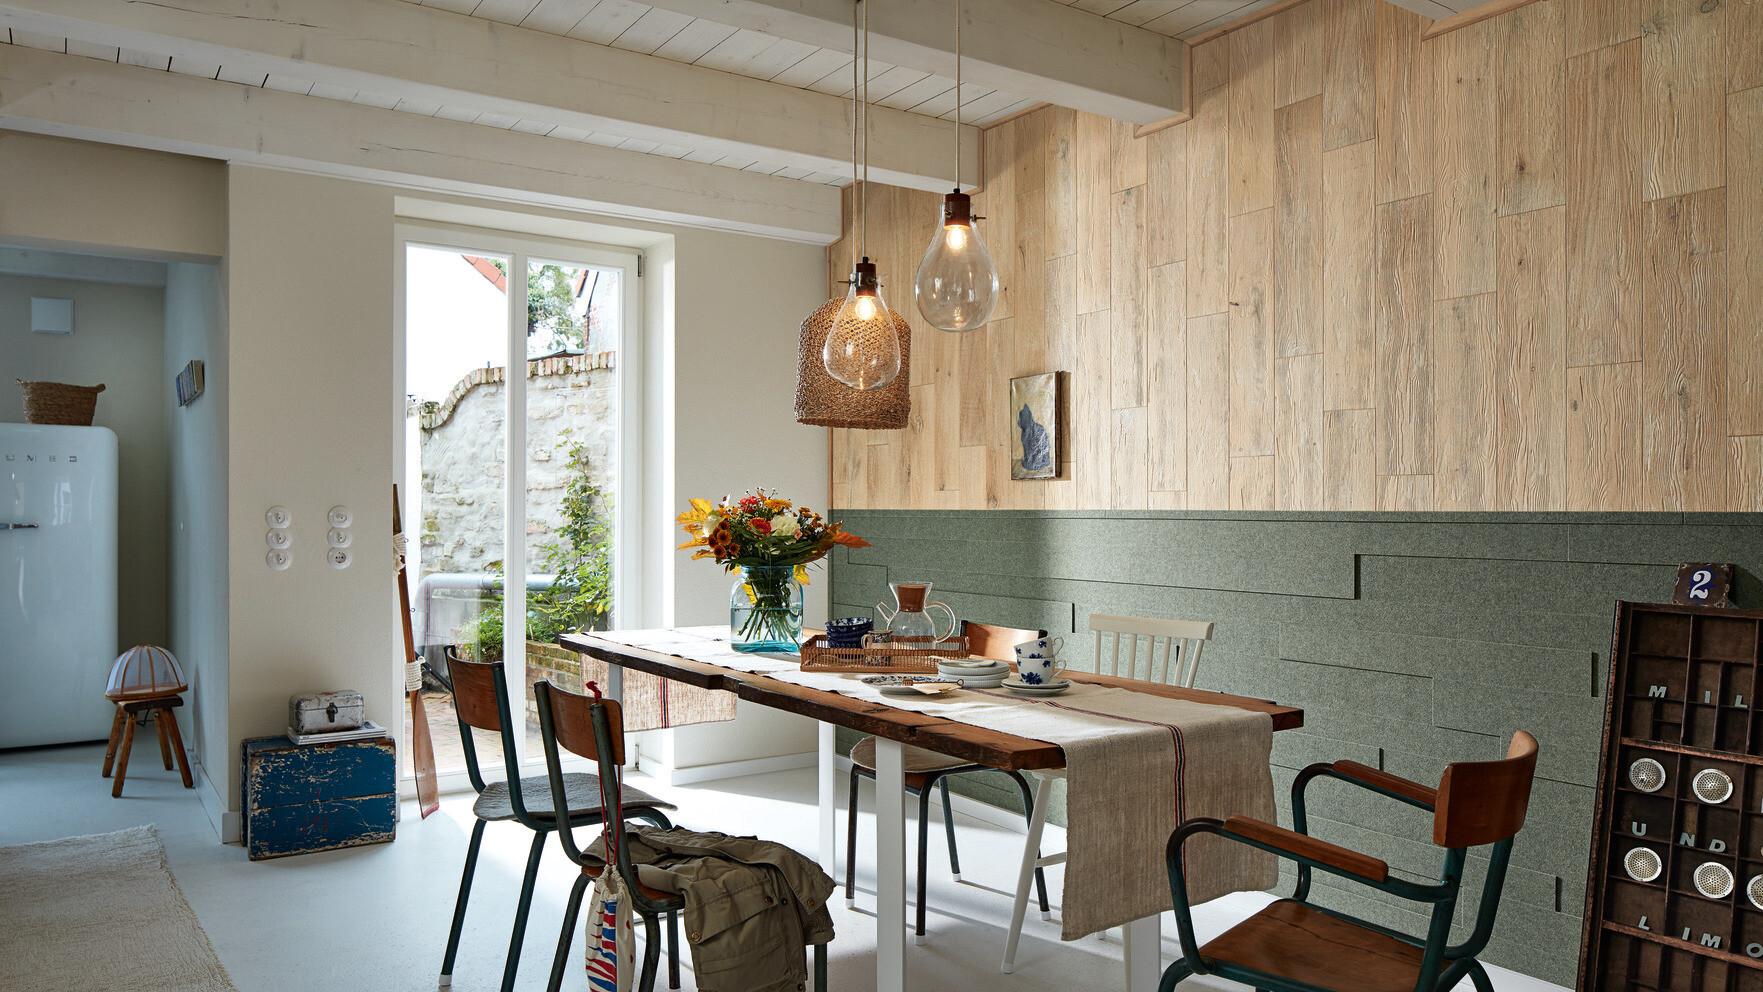 Holzpaneele und Filzpaneele an einer Wand kombiniert